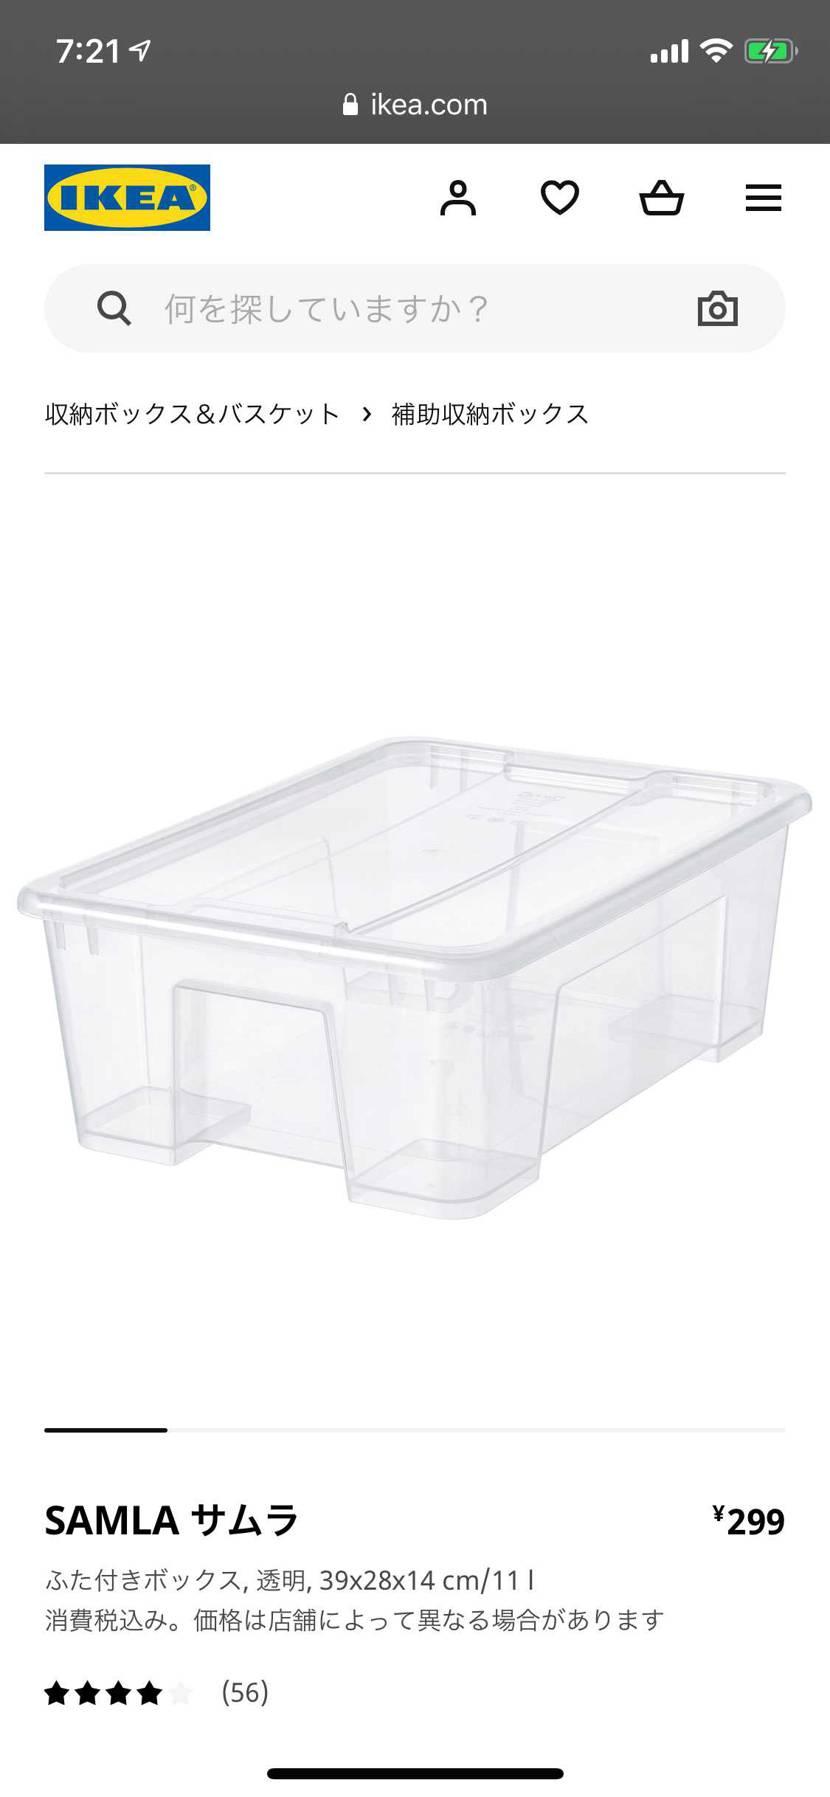 IKEAのこれスニーカーボックスに使ってる人いますか??  いたら使用感とか